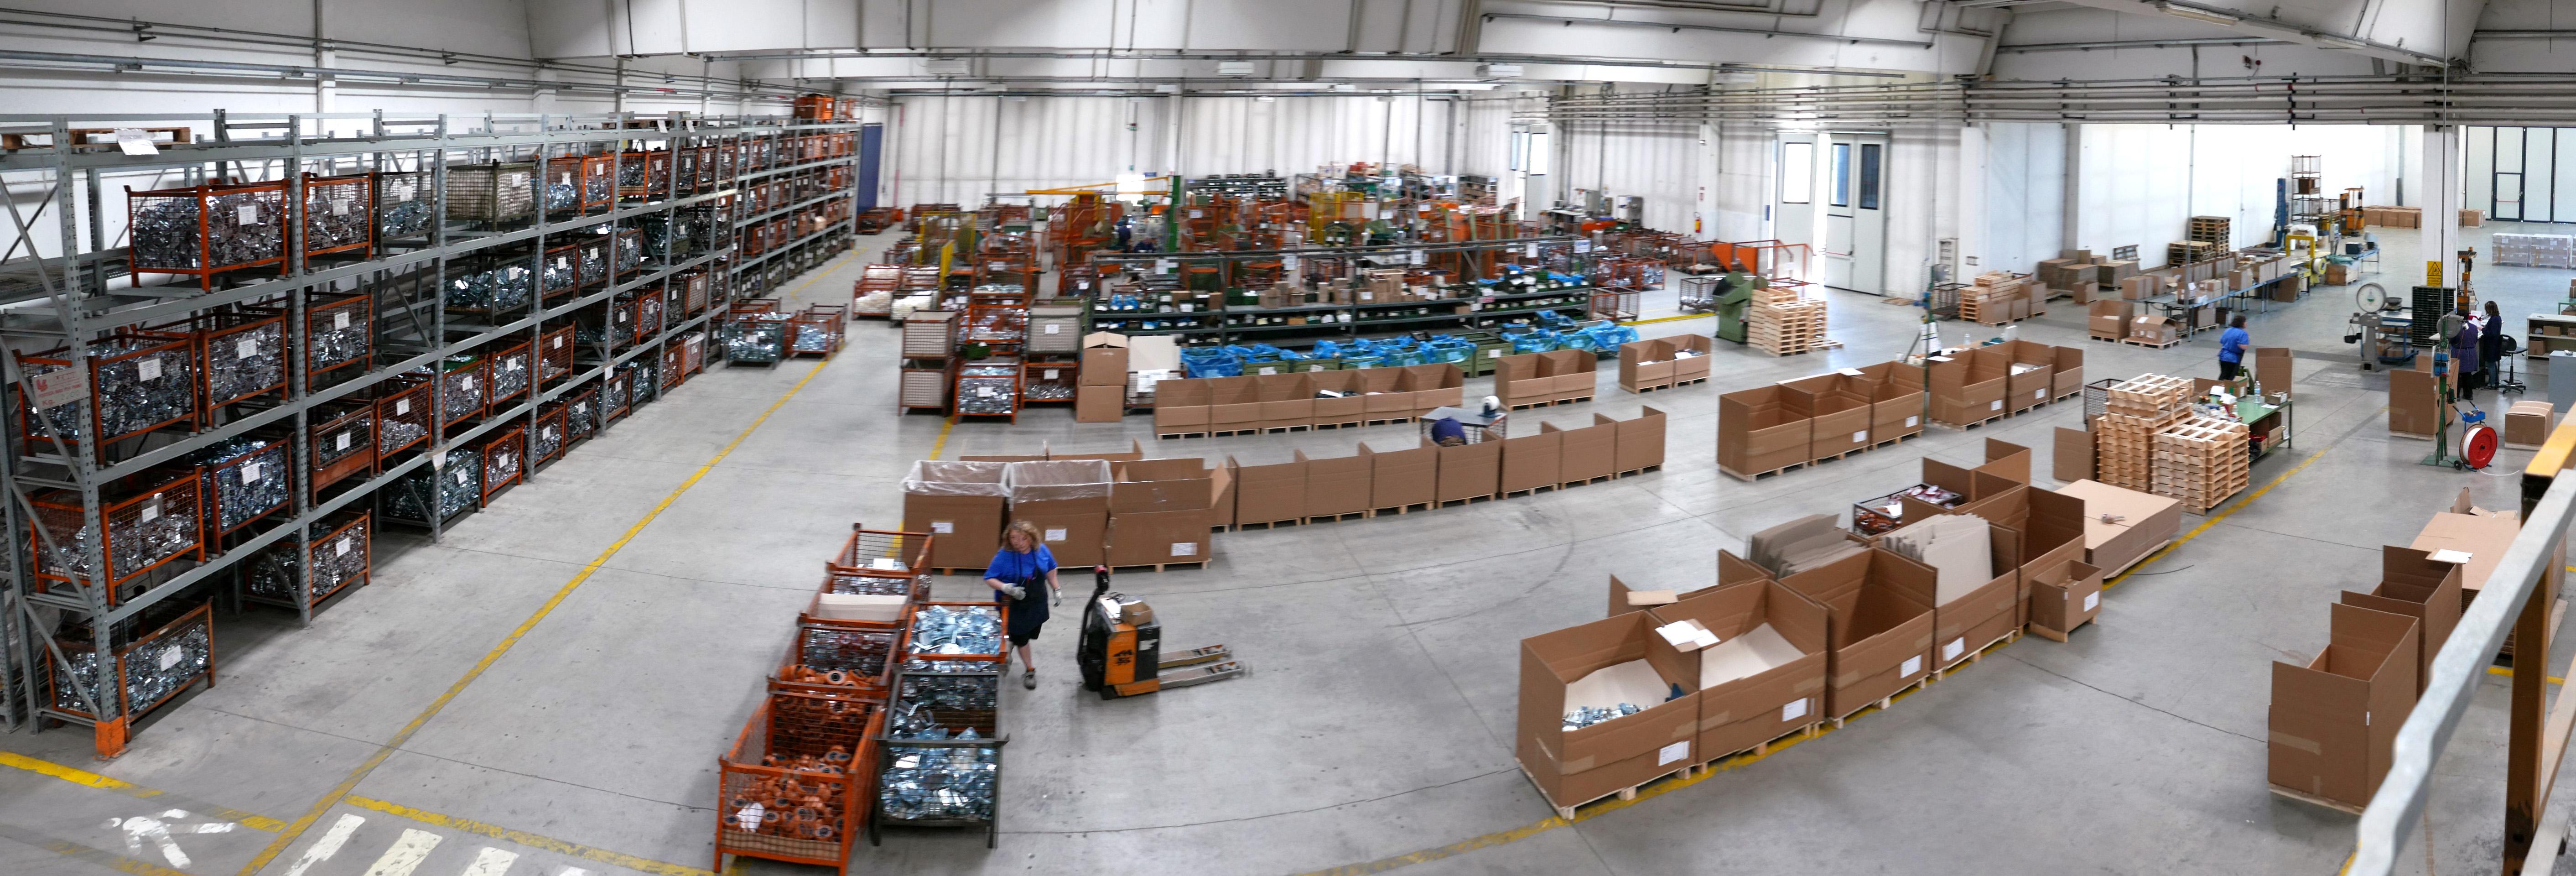 interno magazzino ruote LAG S.p.a.